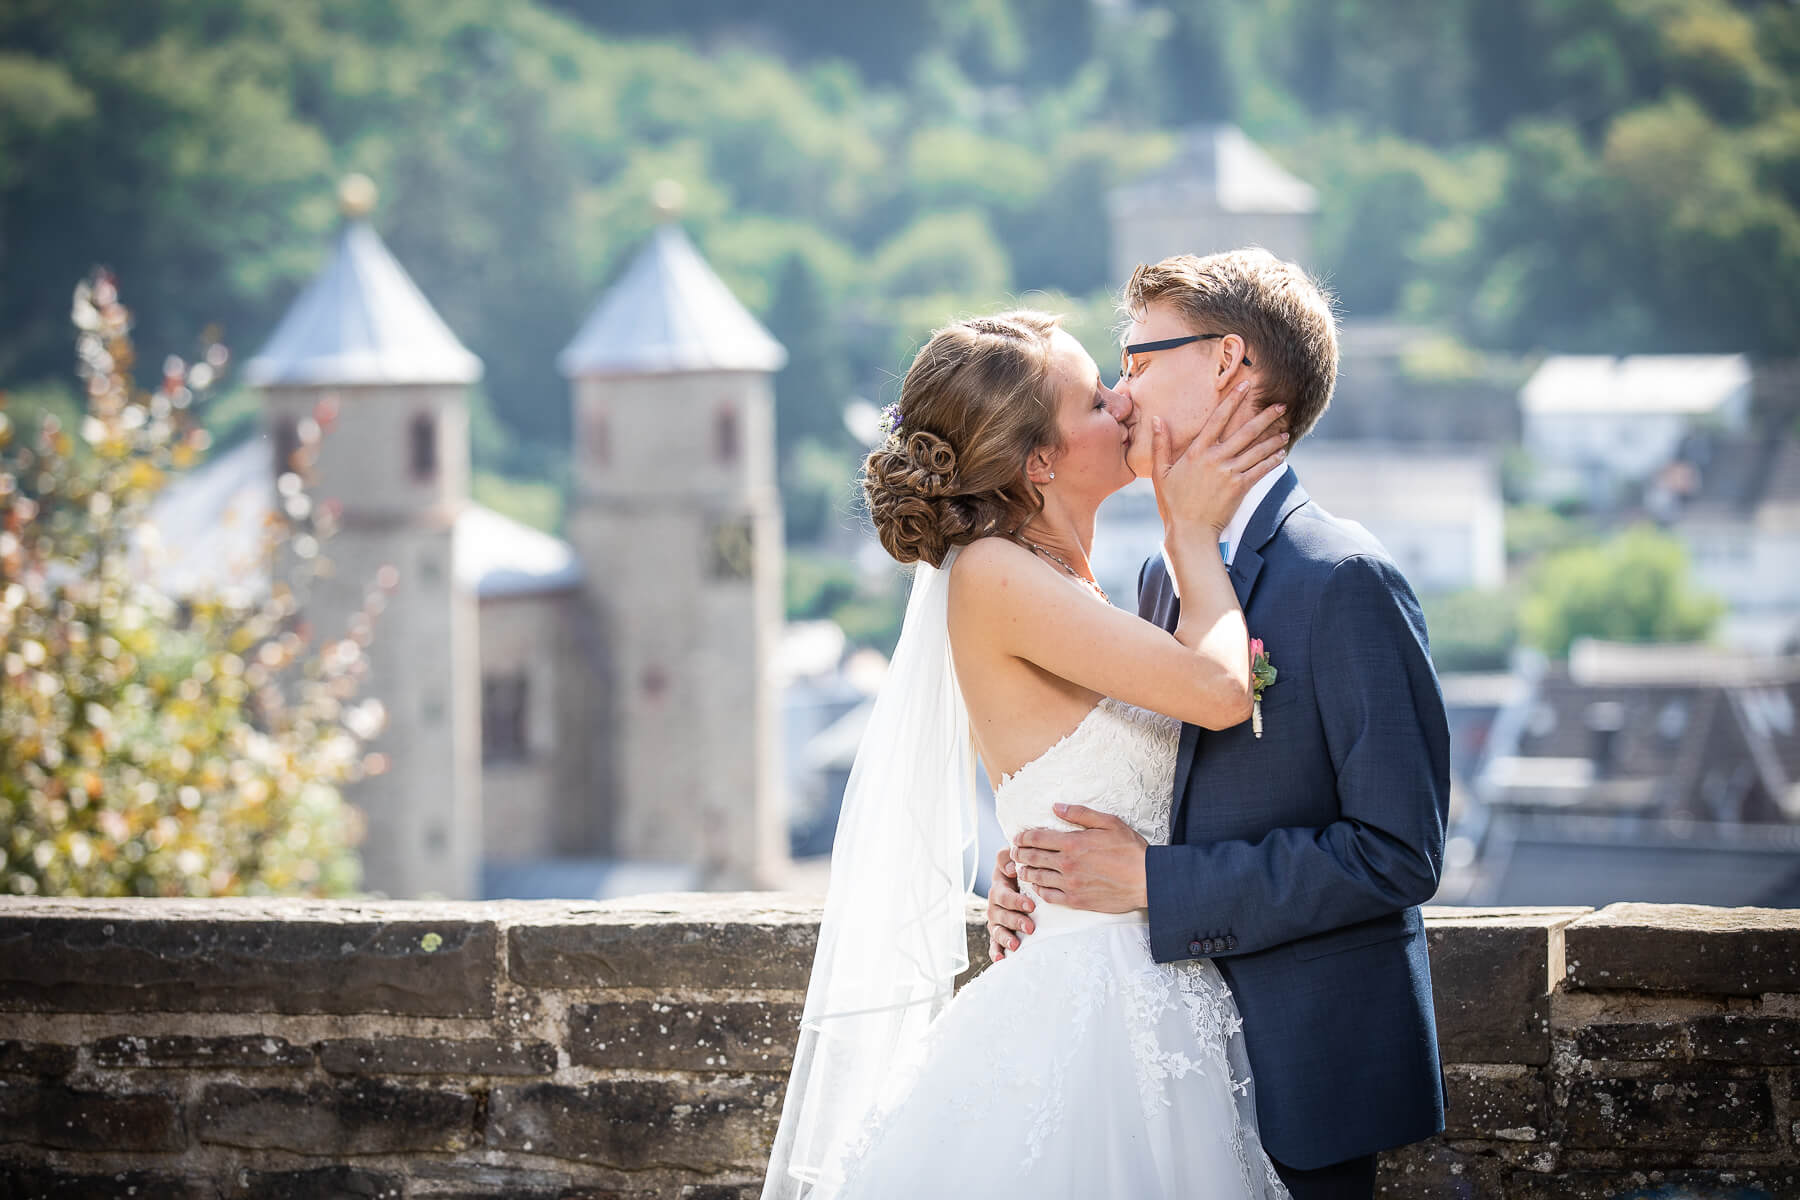 Hochzeitsreportage  Fotograf  Hochzeit  Standesamt  Bad Münstereifel 01